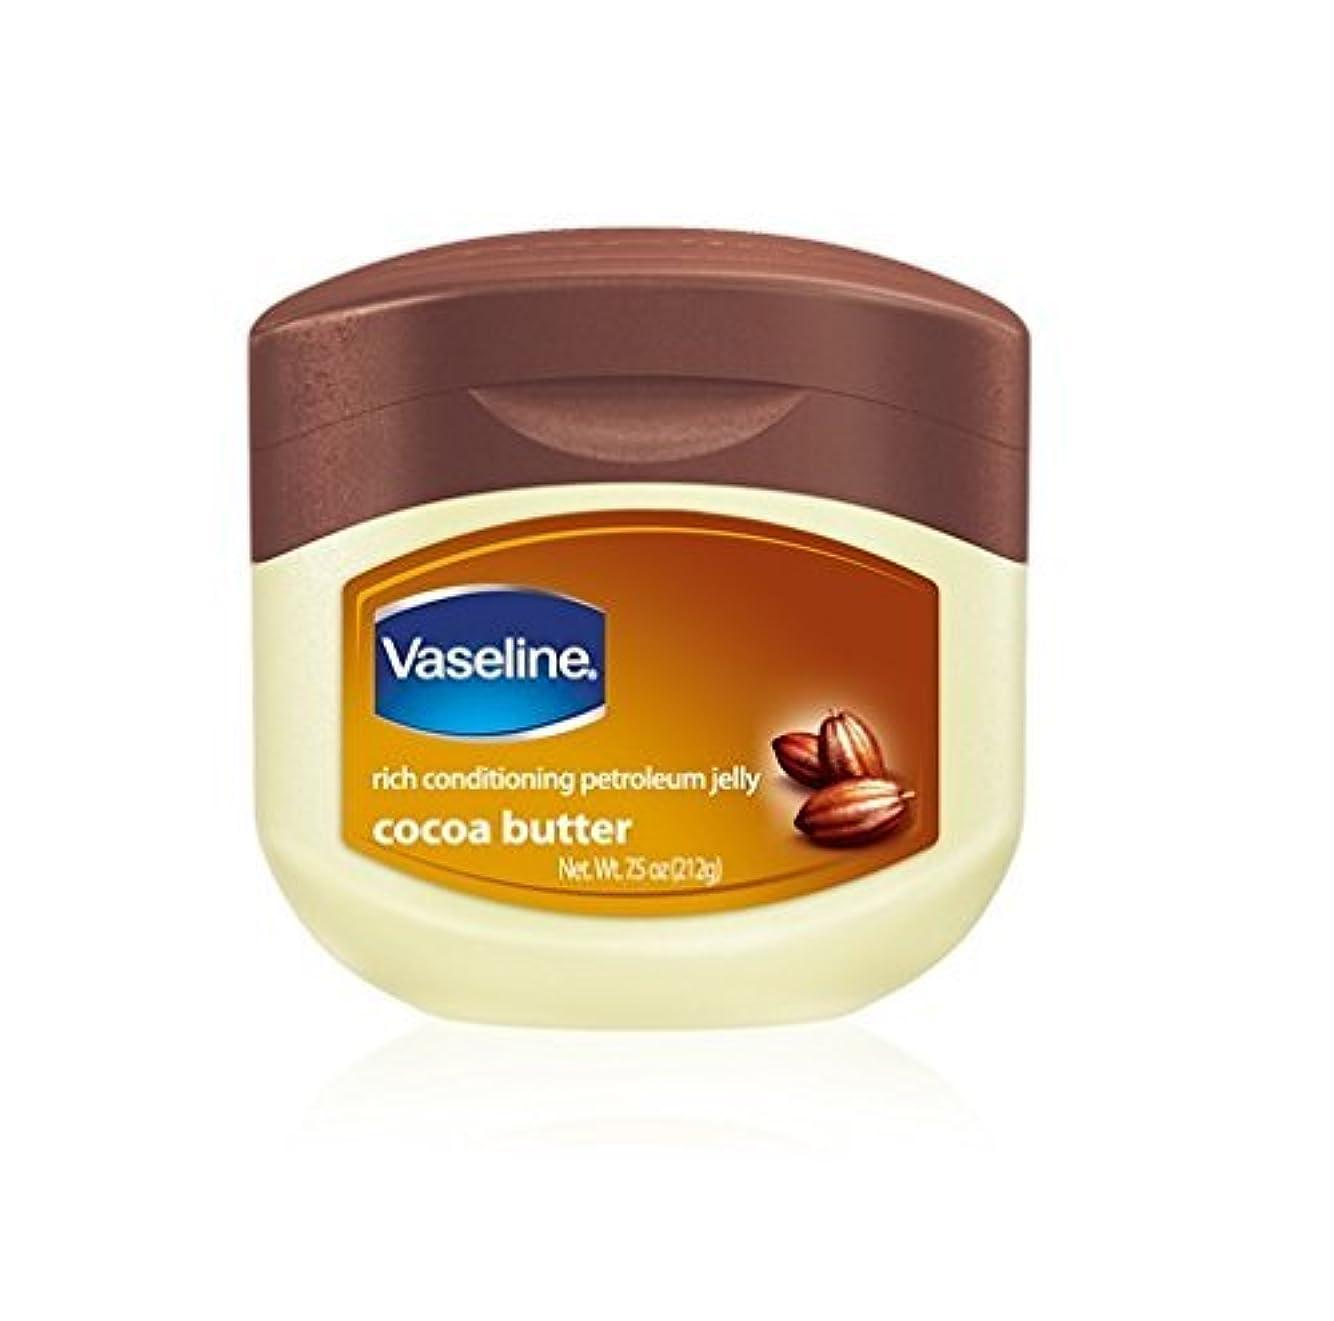 フォアマンレタッチスリップシューズVaseline Jelly Cocoa Butter for_dry_skin 220 ml [並行輸入品]